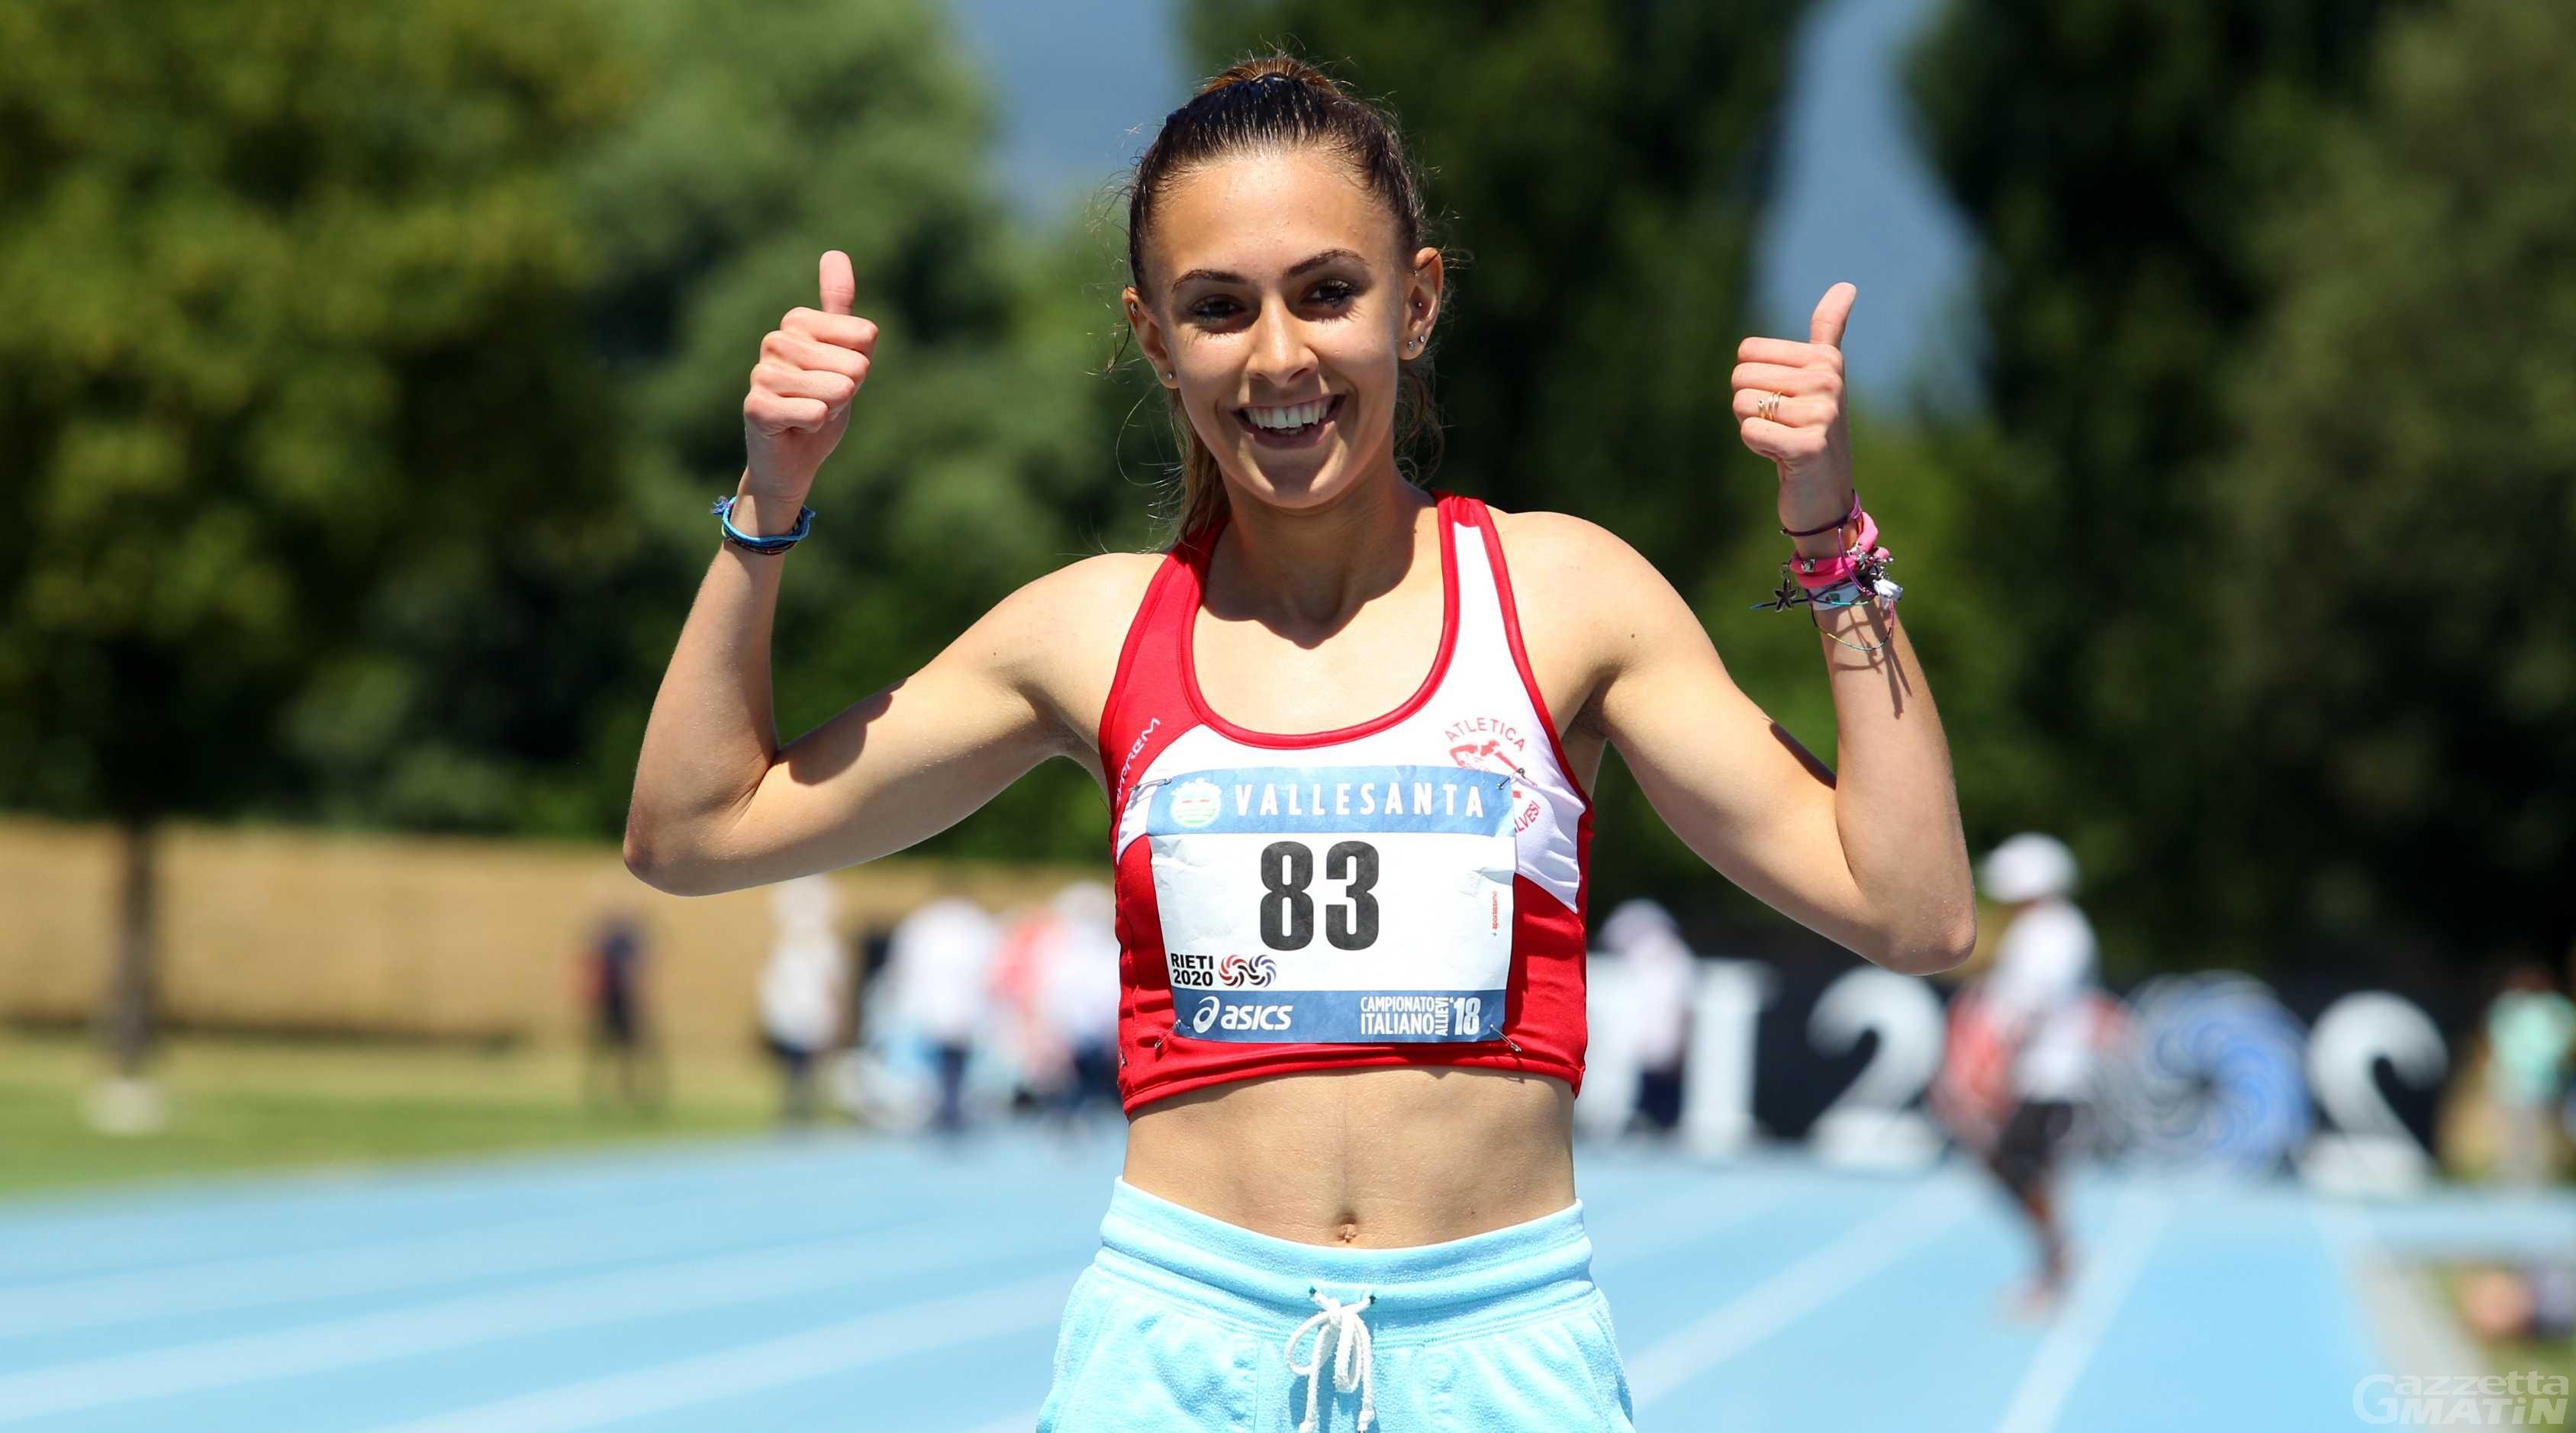 Atletica: Eleonora Foudraz al raduno azzurro pre-europei